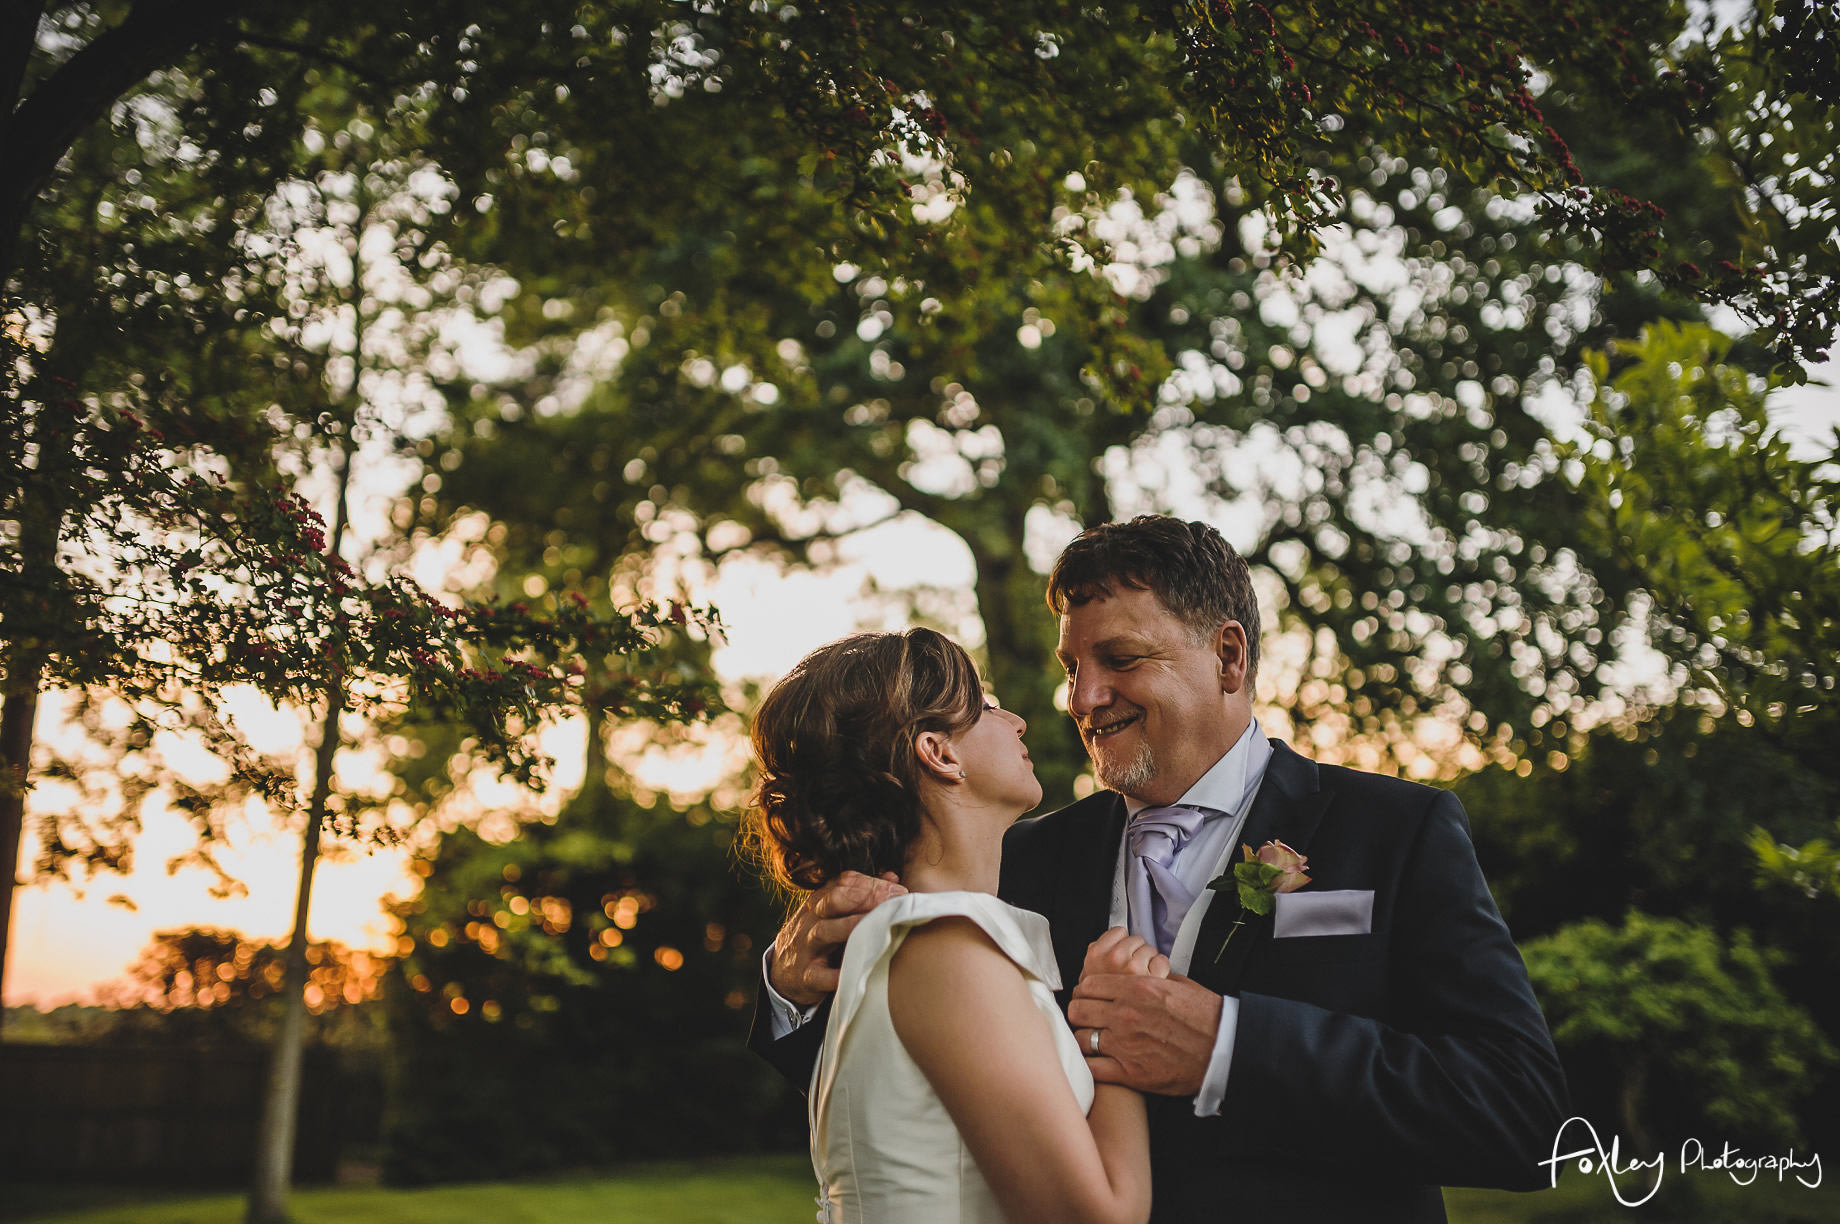 Simona-and-Robert-Wedding-at-Colshaw-Hall-151